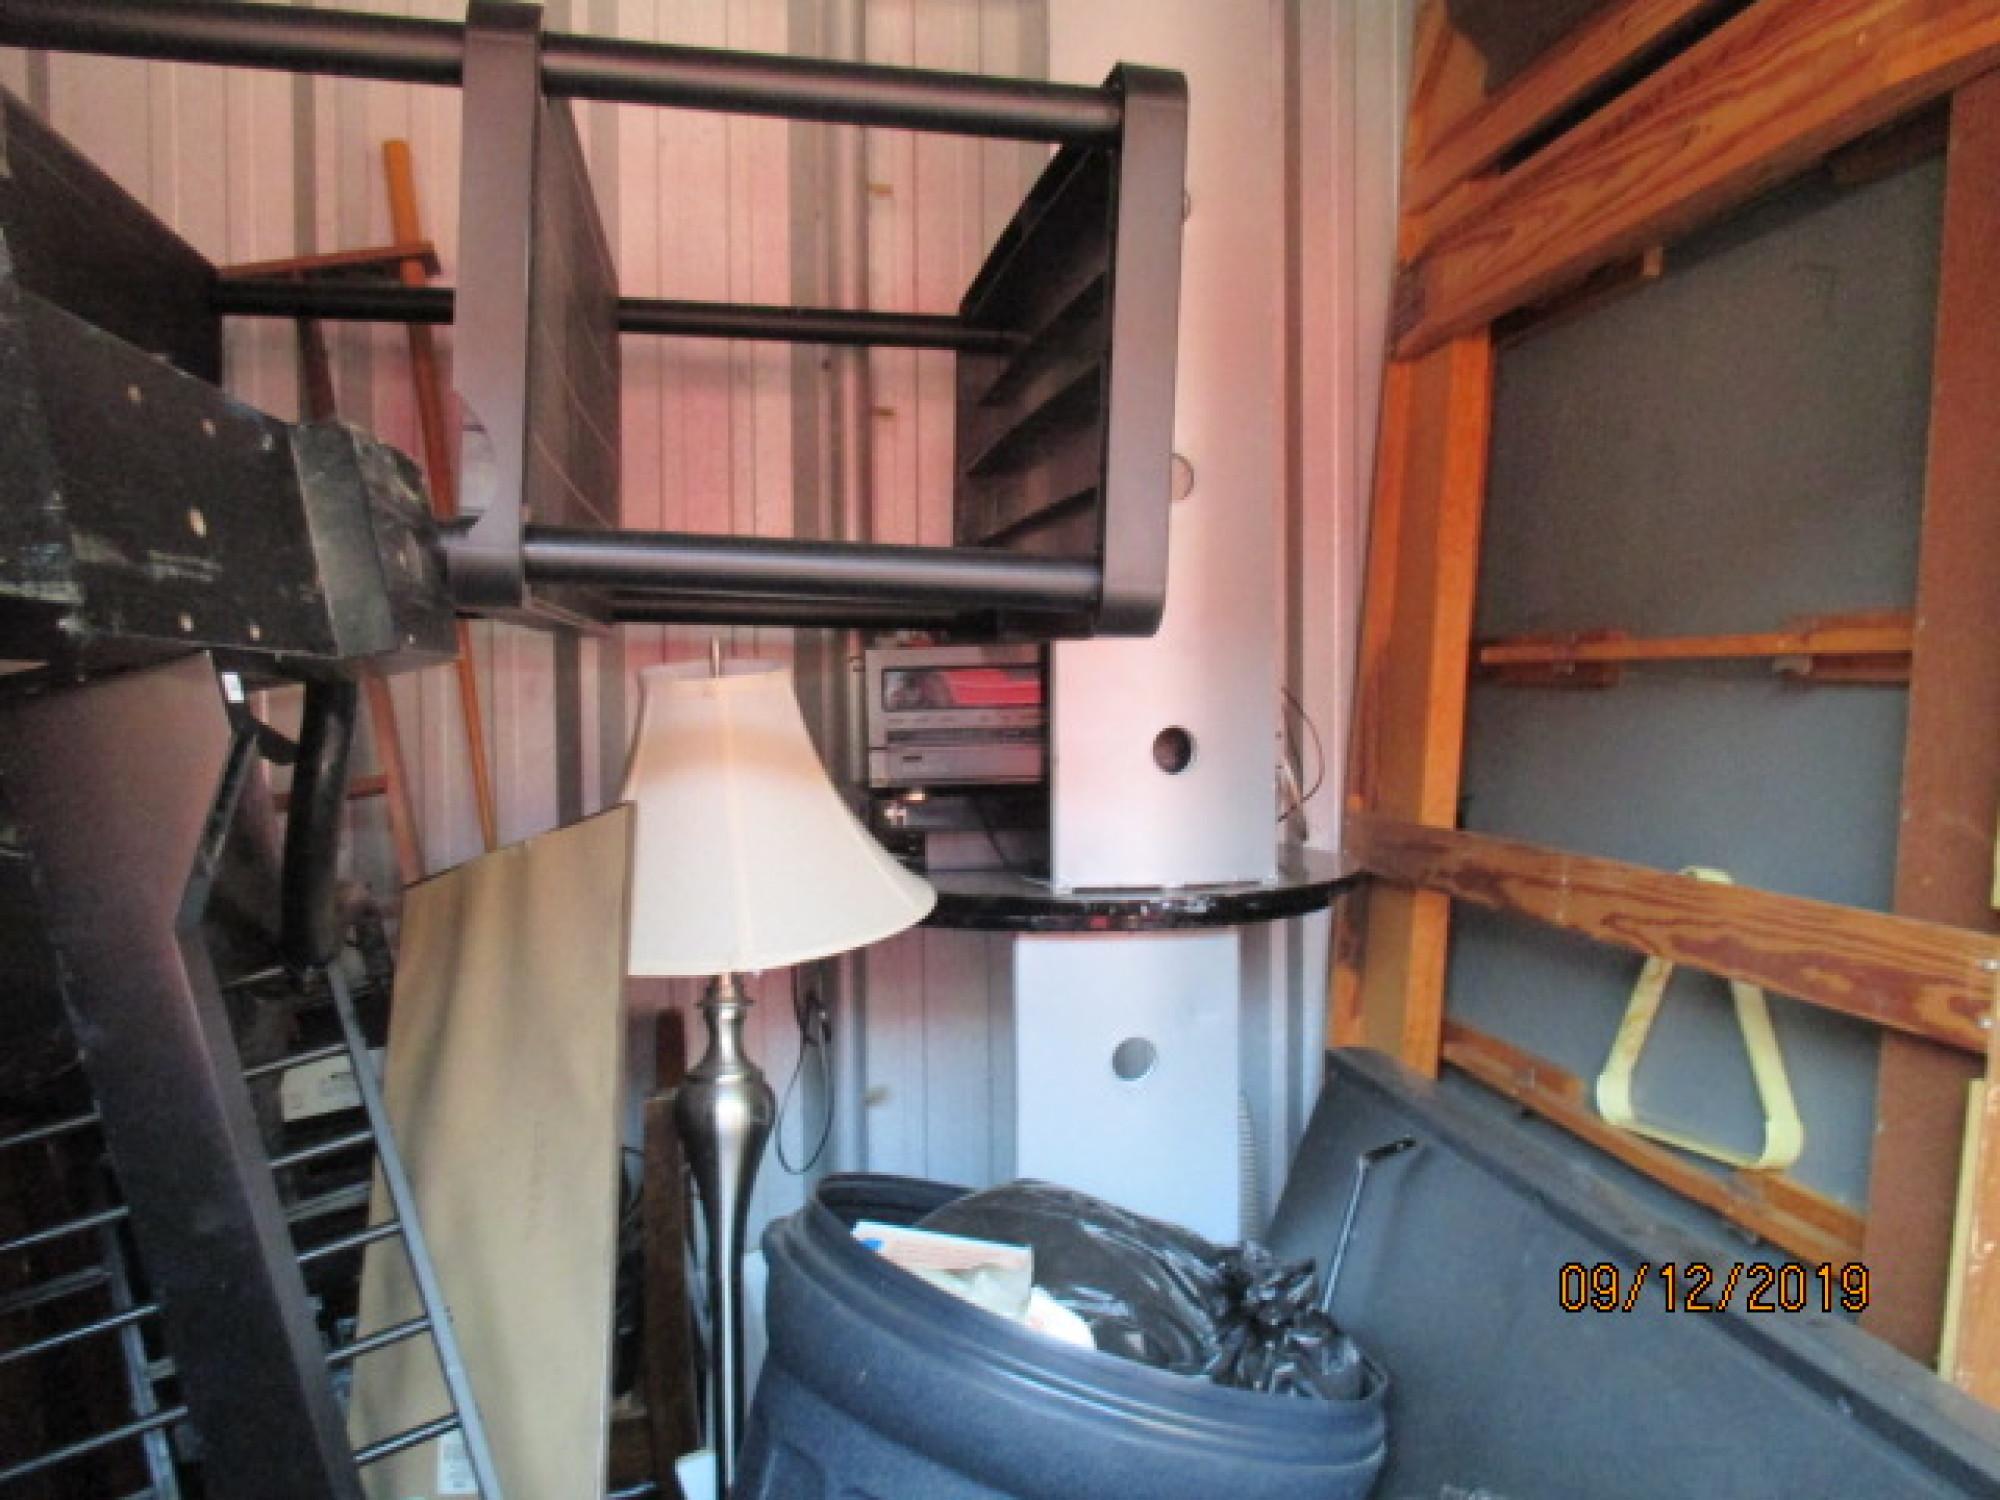 Storage Unit Auction 871834 East Peoria Il